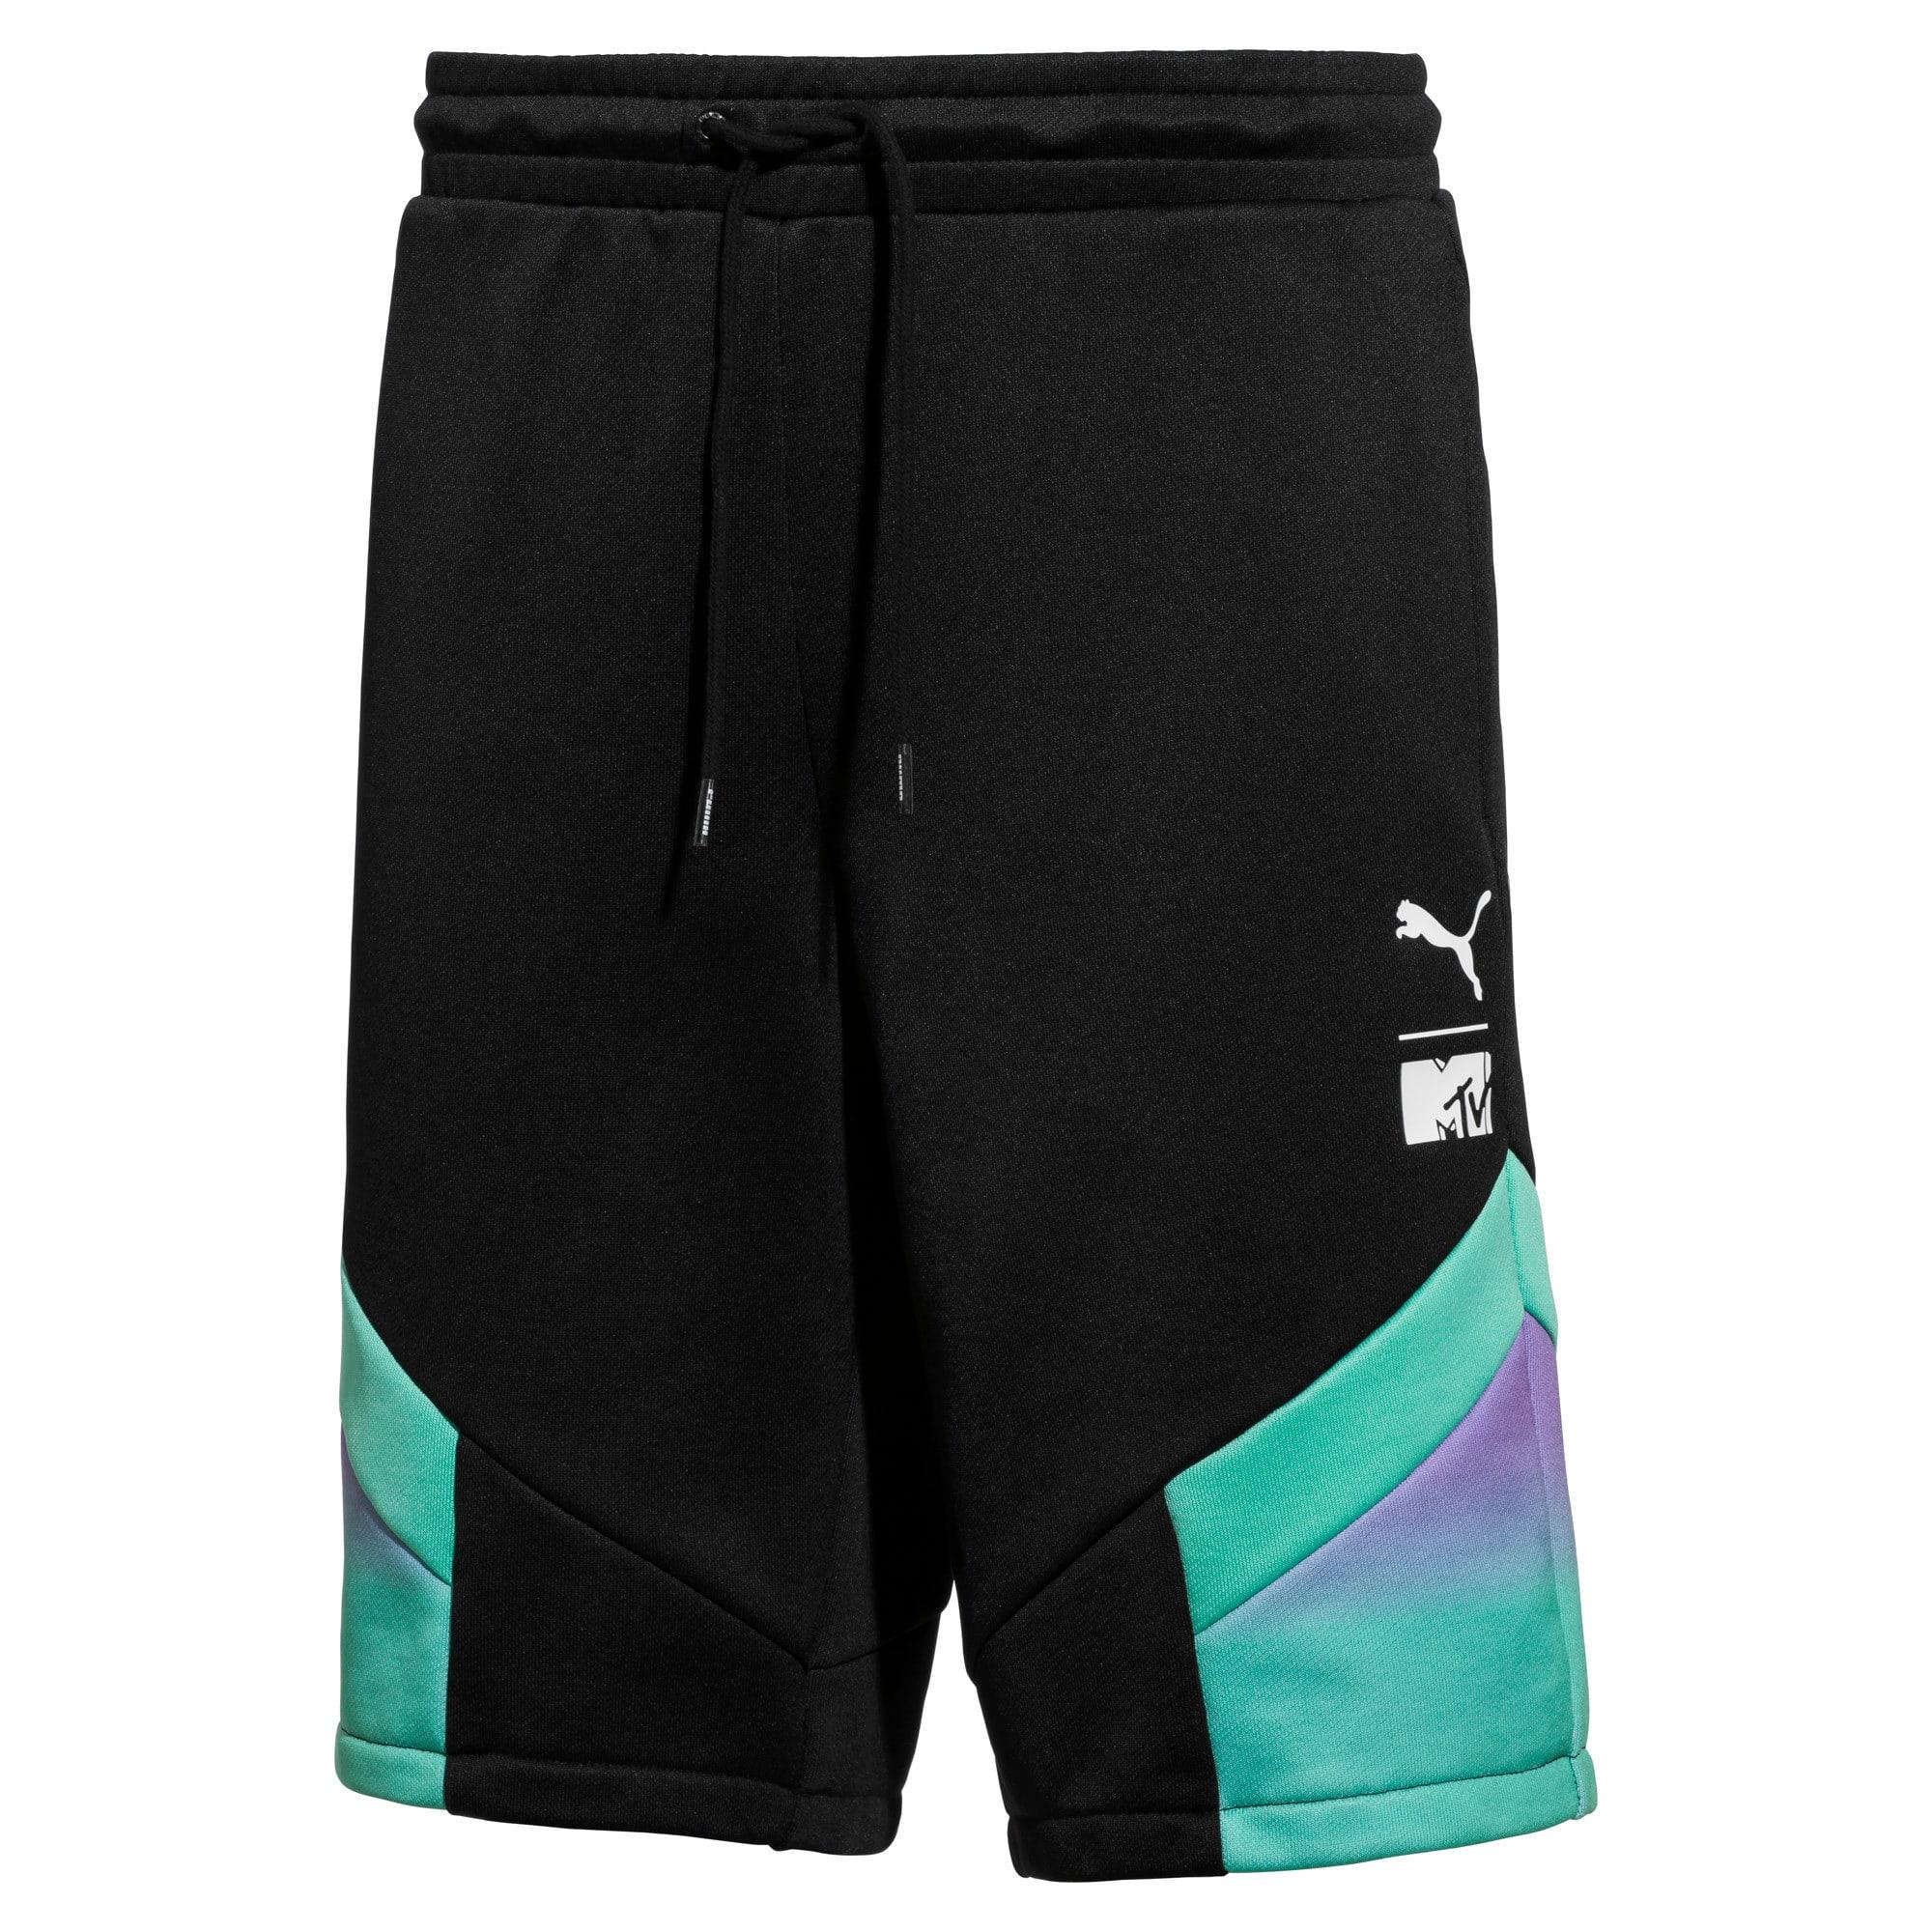 Thumbnail 1 of PUMA x MTV MCS All-Over Printed Men's Shorts, Puma Black-AOP, medium